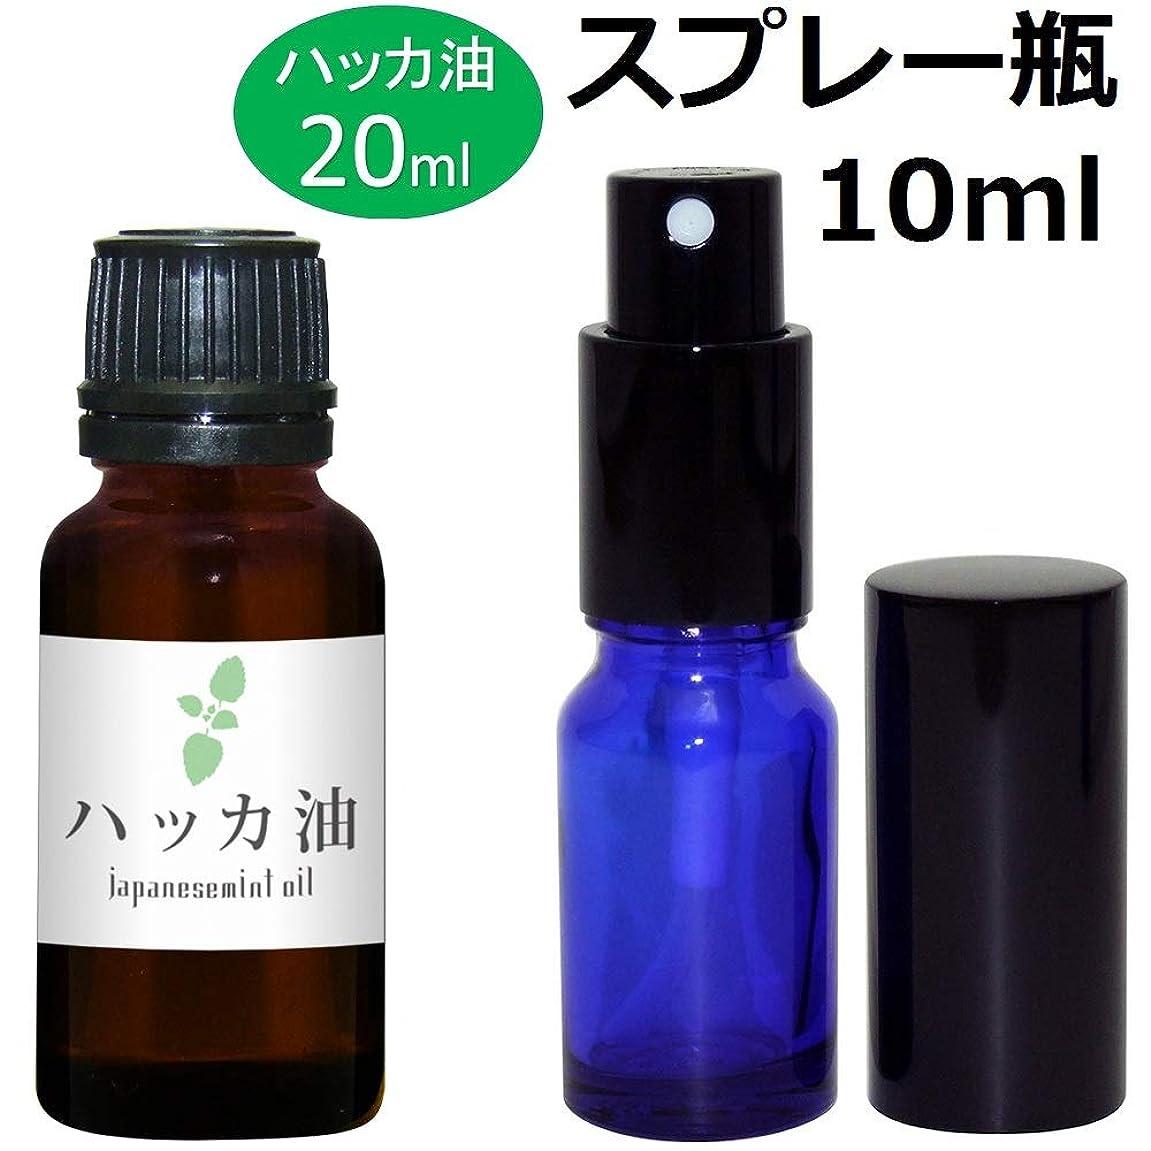 白雪姫医学描写ガレージ?ゼロ ハッカ油 20ml(GZAK12)+ガラス瓶 スプレーボトル10ml/和種薄荷/ジャパニーズミント GSE533